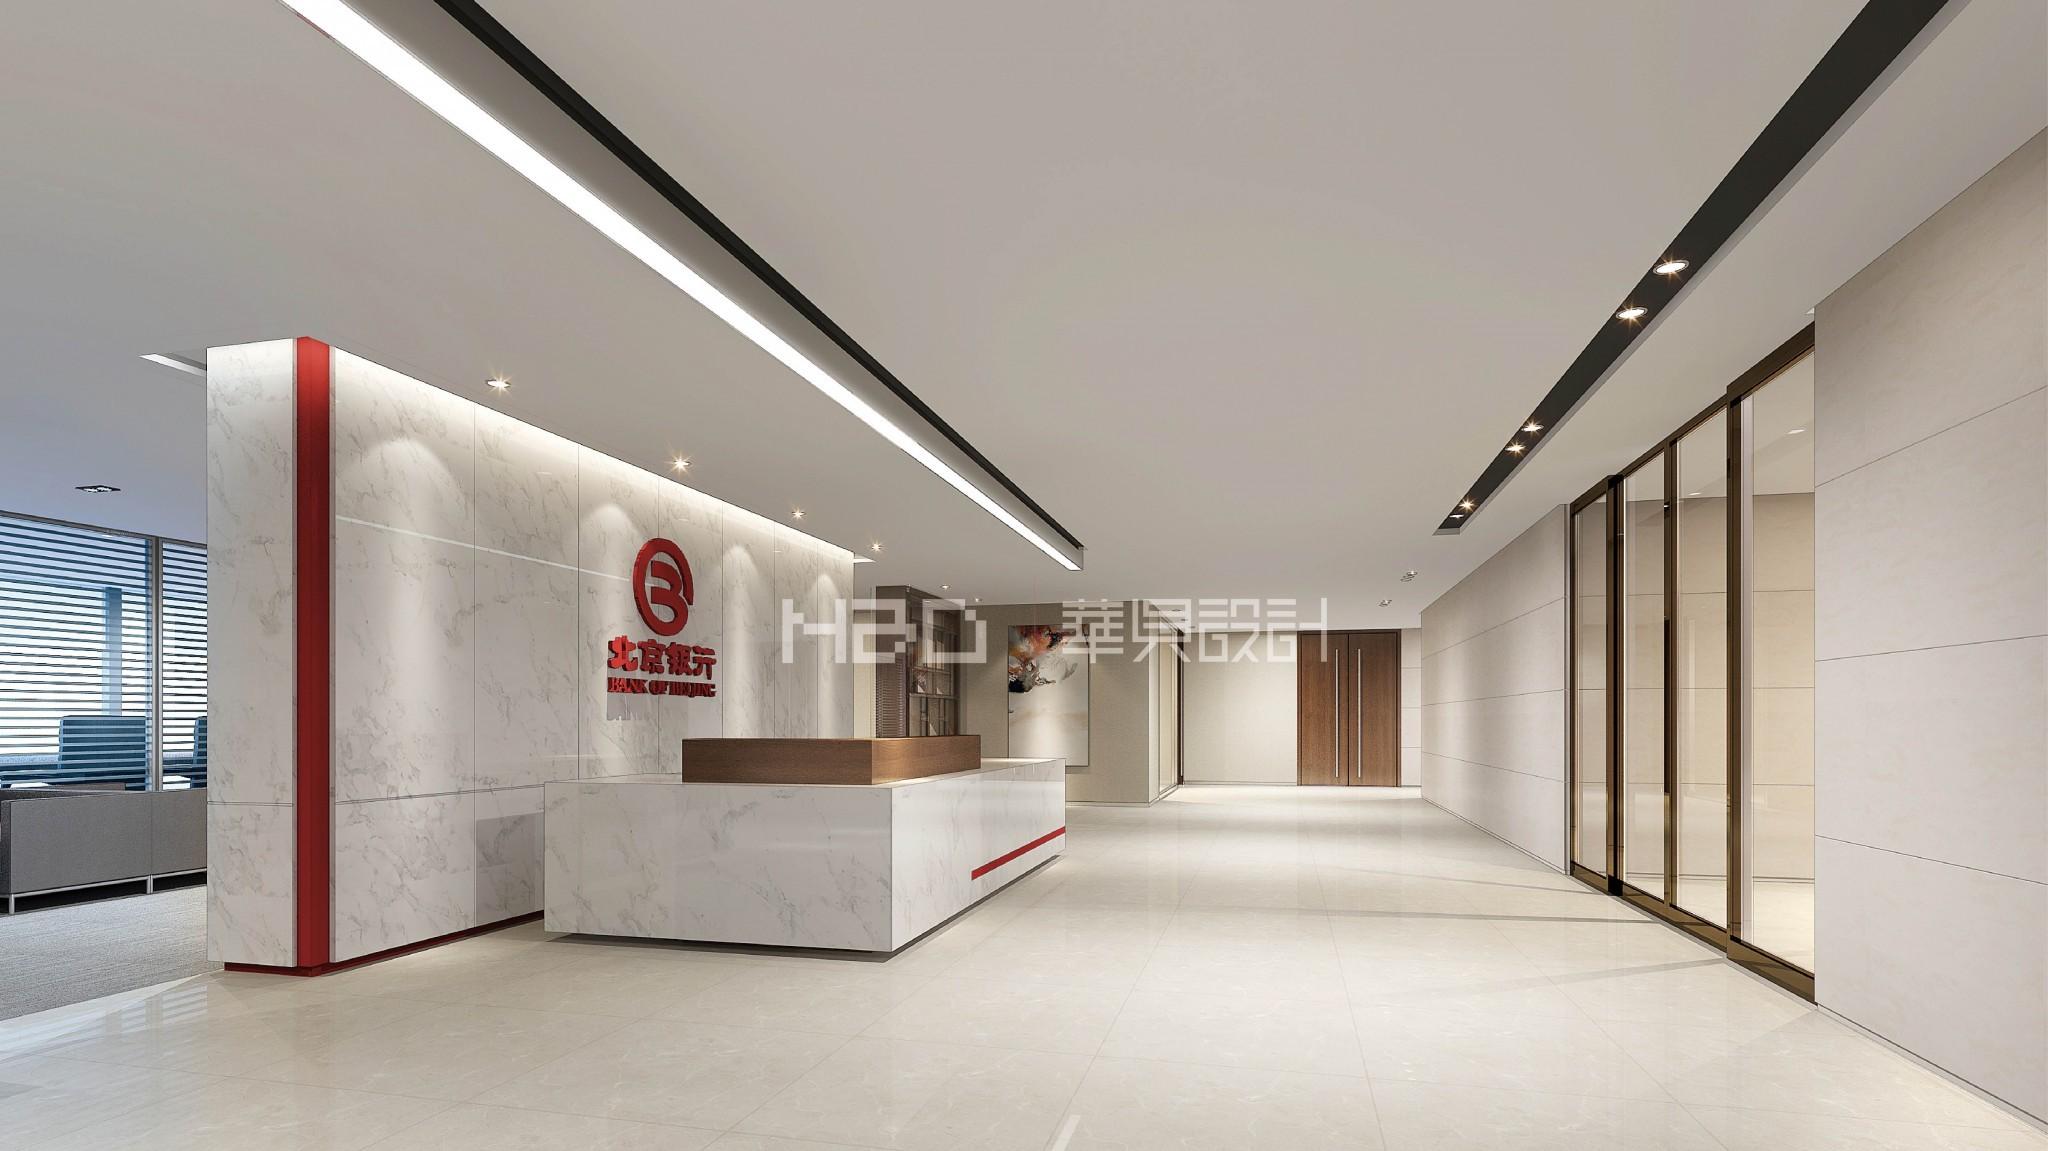 12北京银行深圳分行 (1)